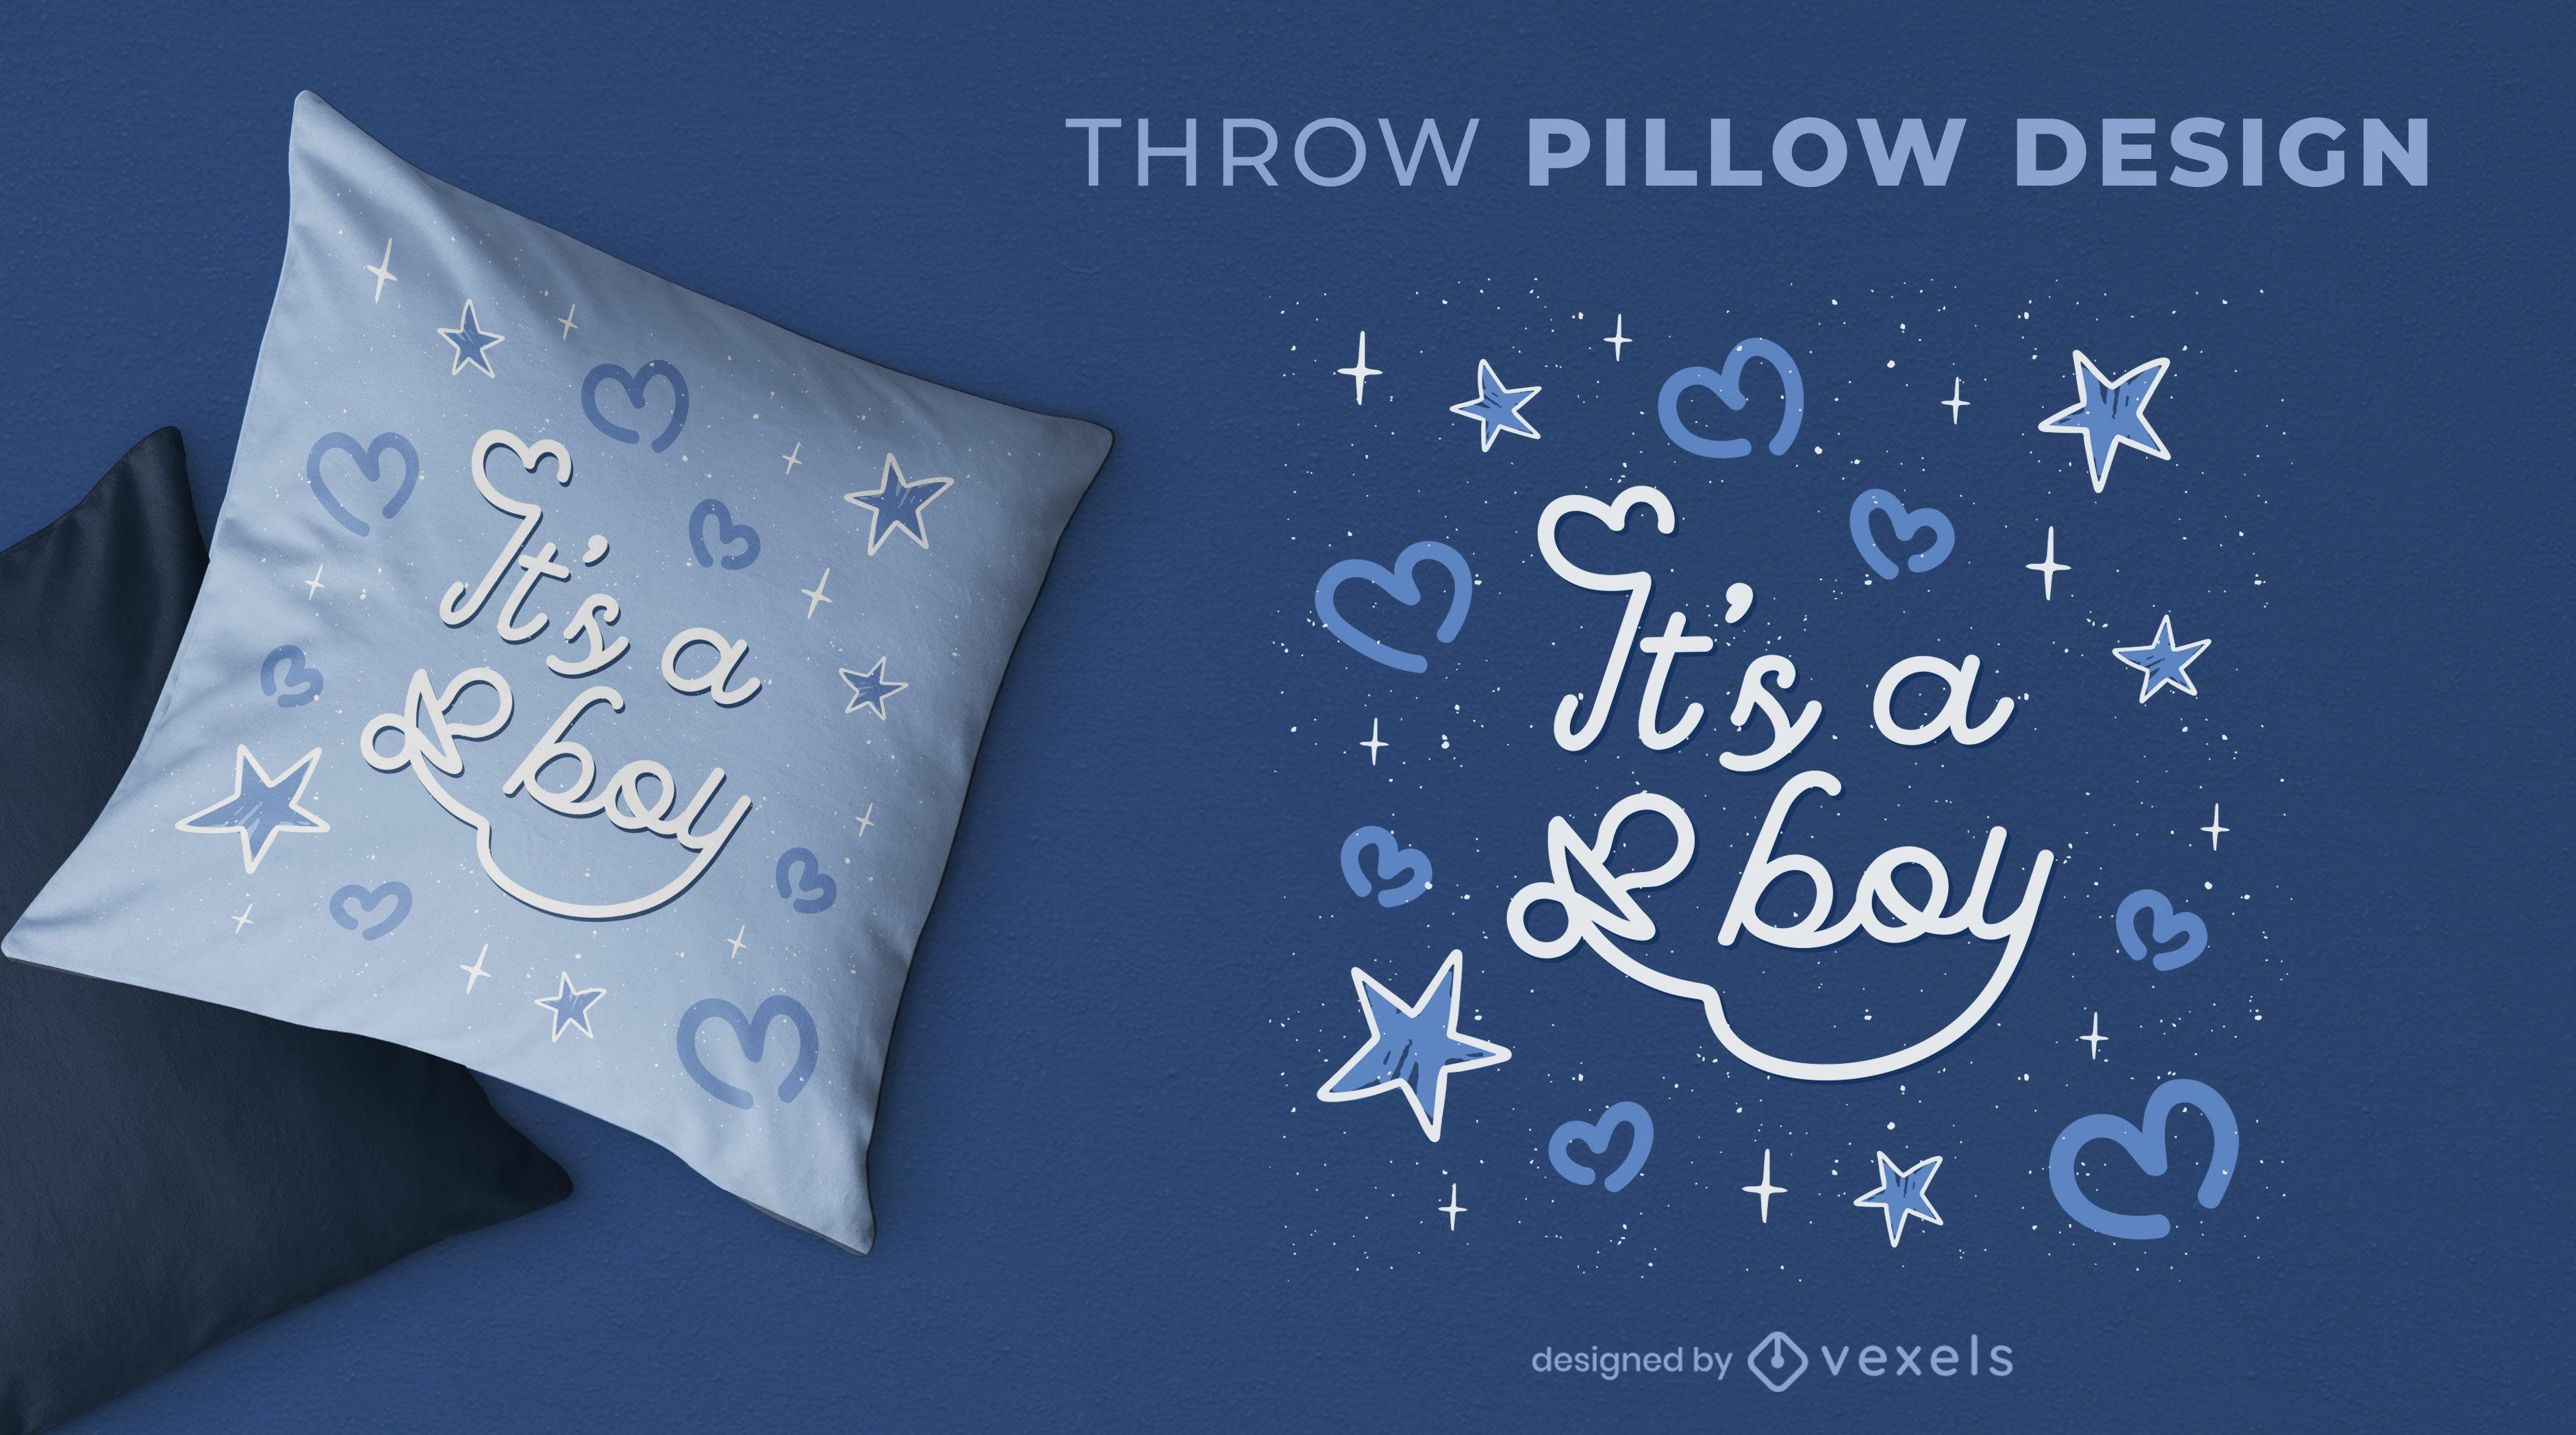 Gênero de bebê menino revelam design de travesseiro